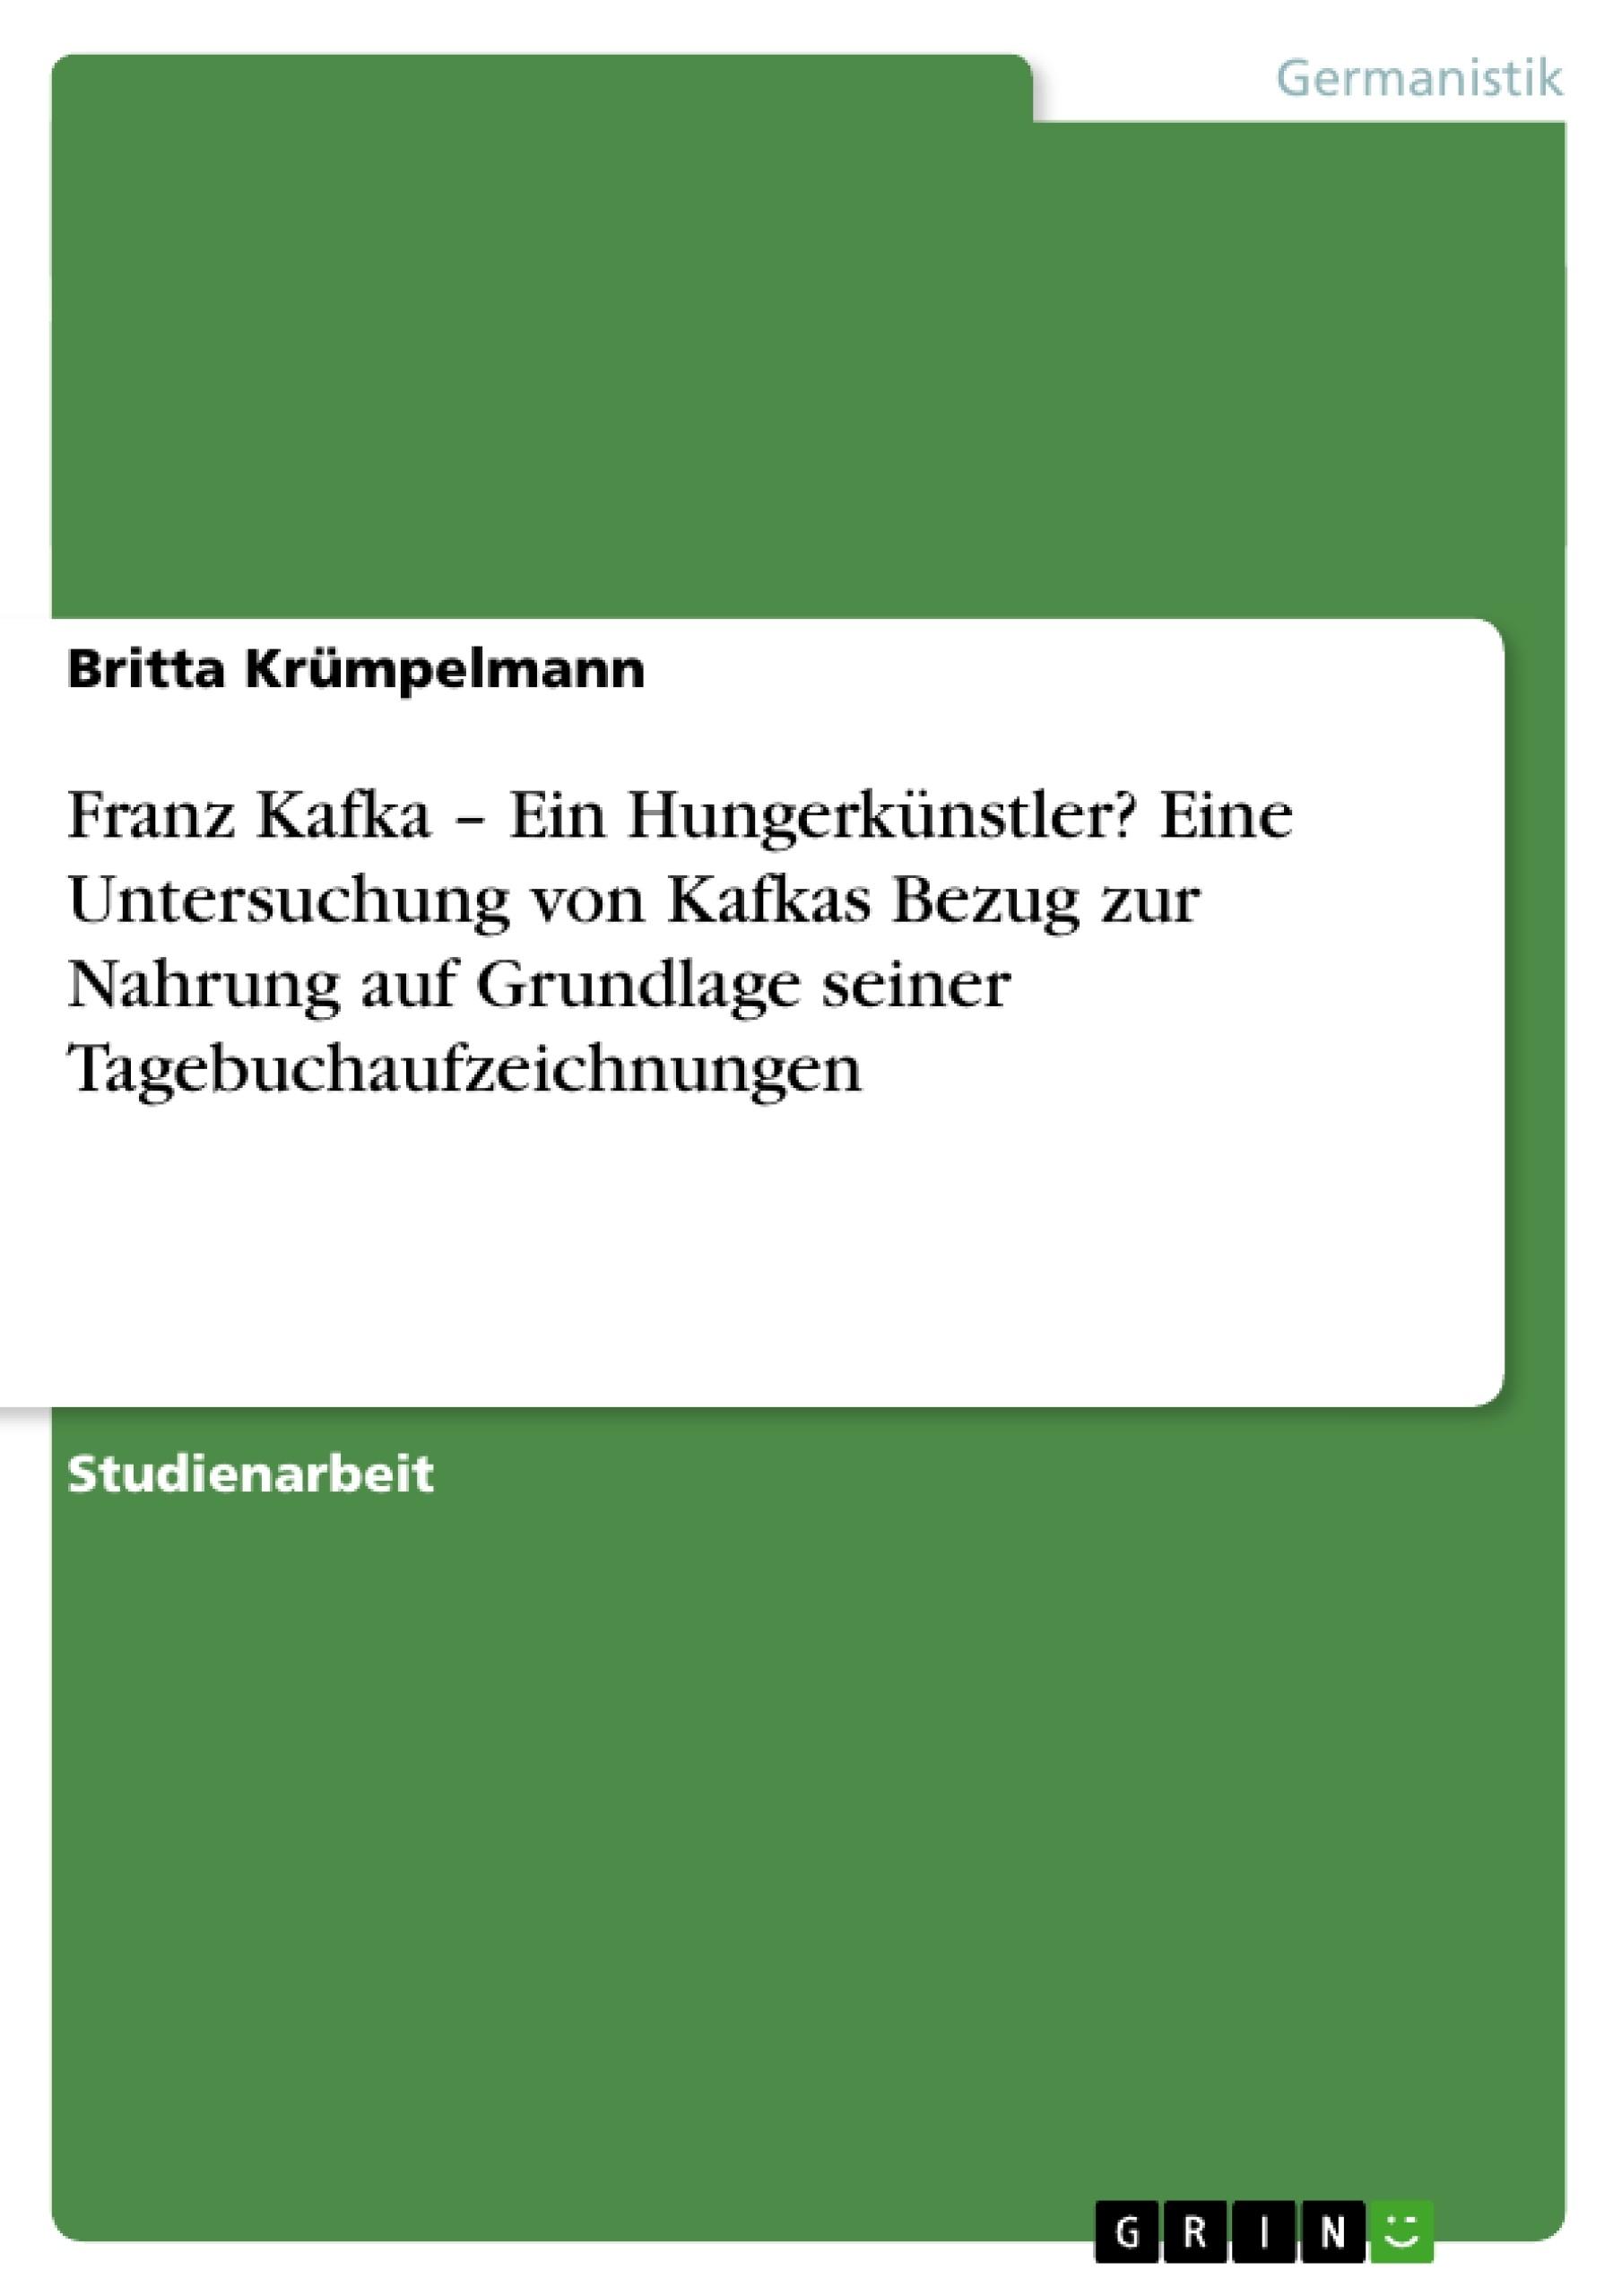 Titel: Franz Kafka – Ein Hungerkünstler? Eine Untersuchung von Kafkas Bezug zur Nahrung auf Grundlage seiner Tagebuchaufzeichnungen